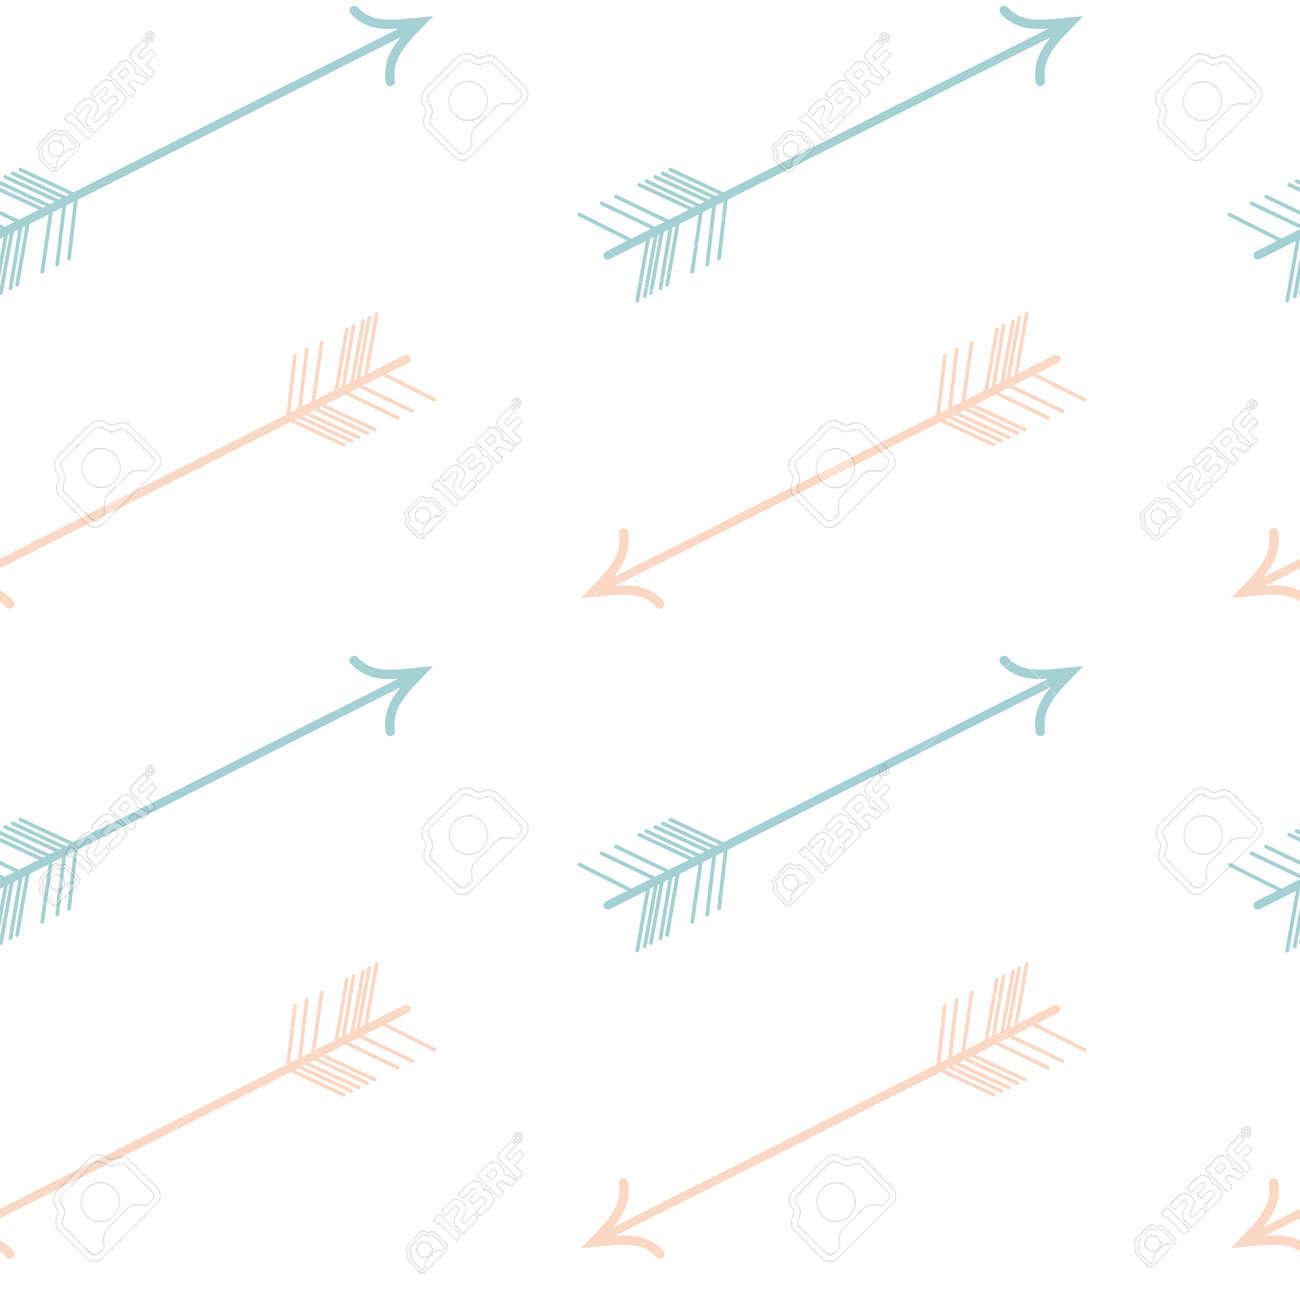 かわいいパステル カラーのピンク青ベクトル シームレスな矢印パターン